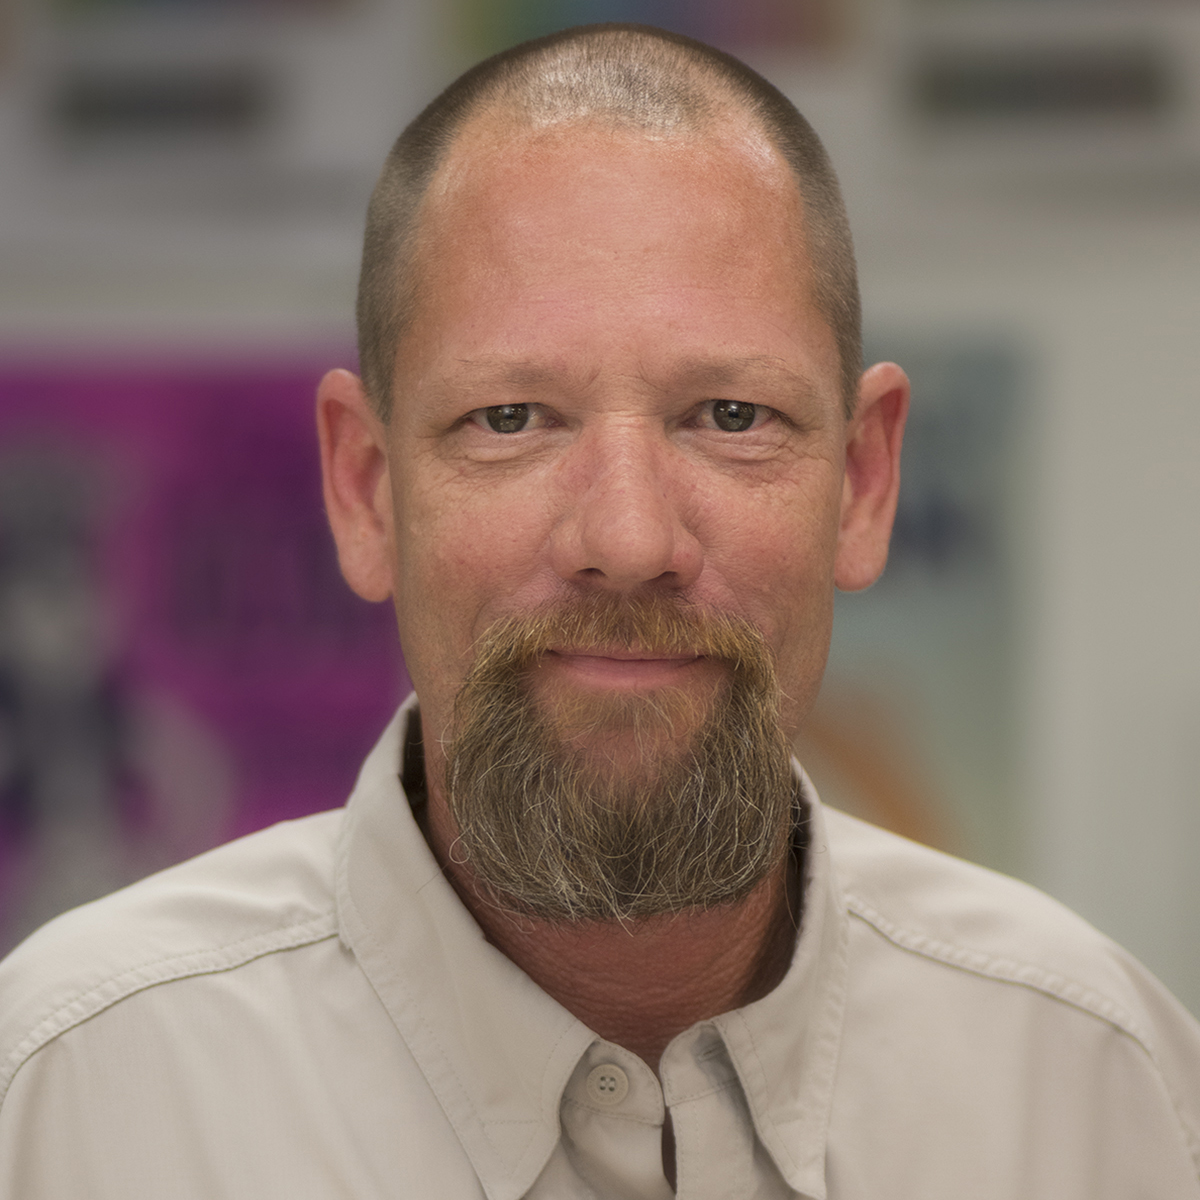 Jason Moseley